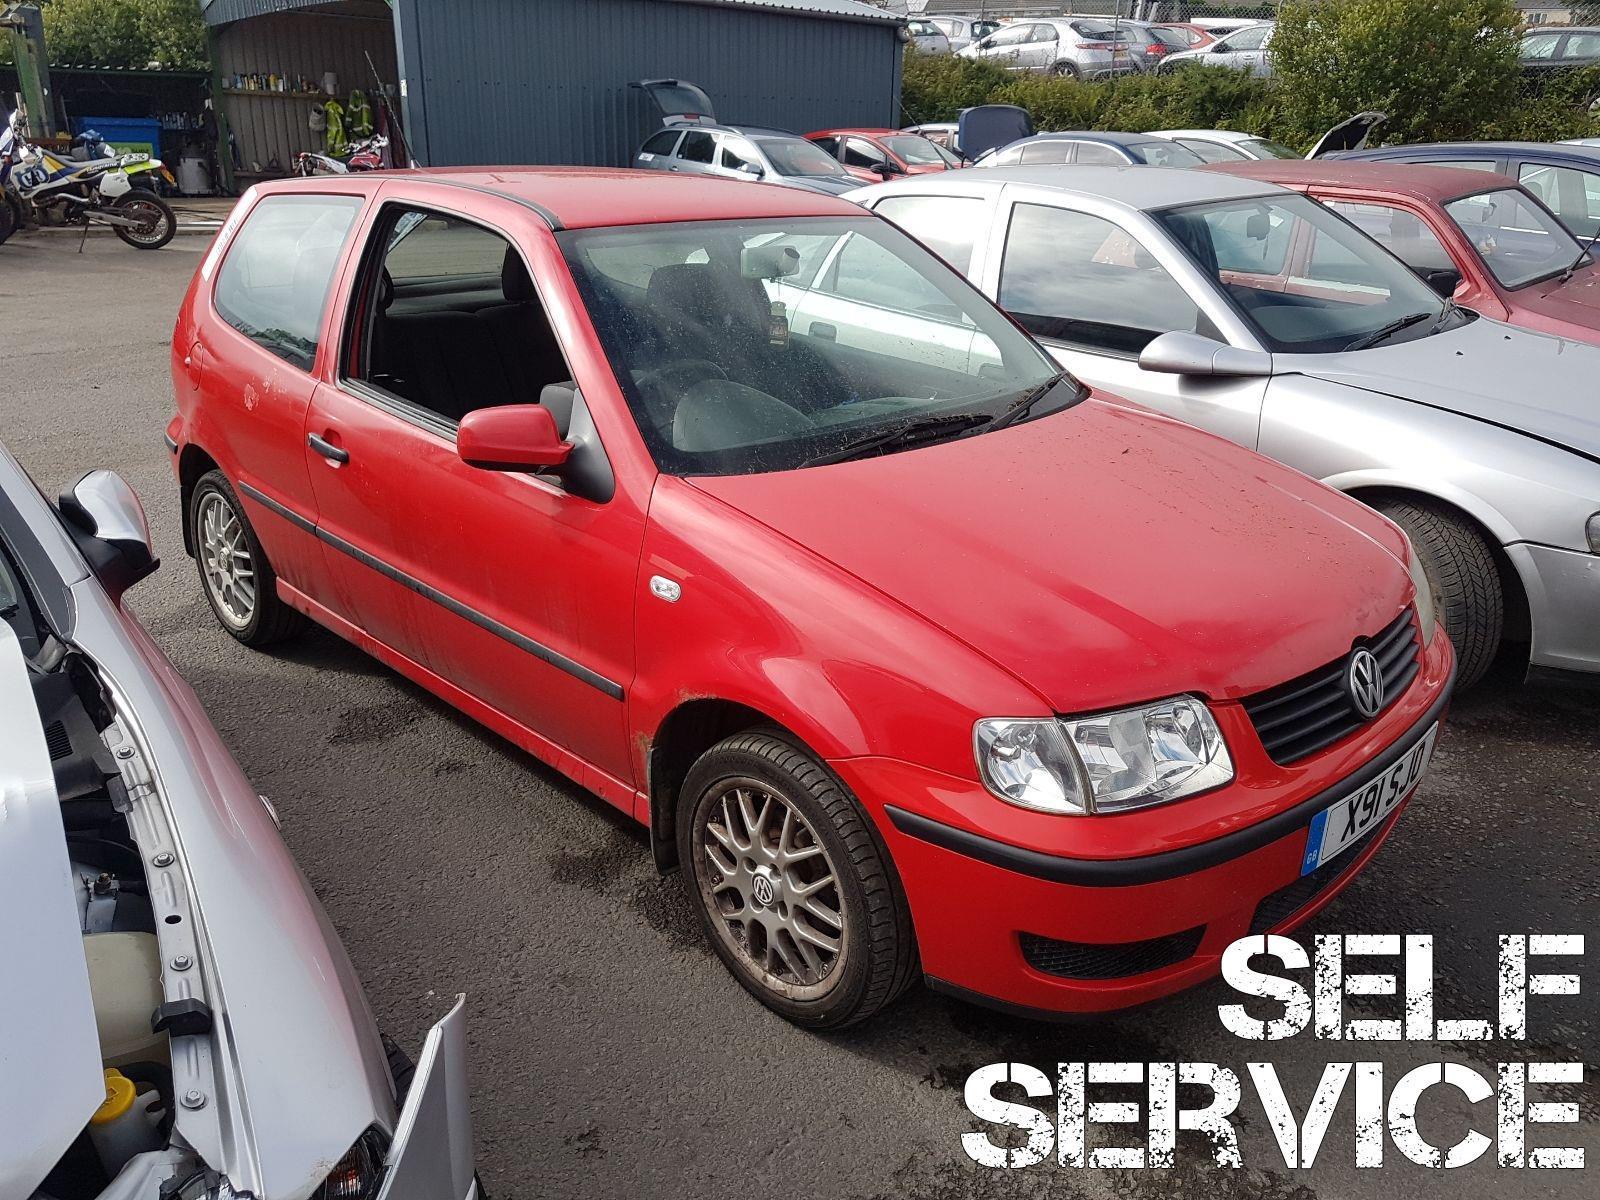 Volkswagen Polo 2000 To 2002 E SDi 3 Door Hatchback